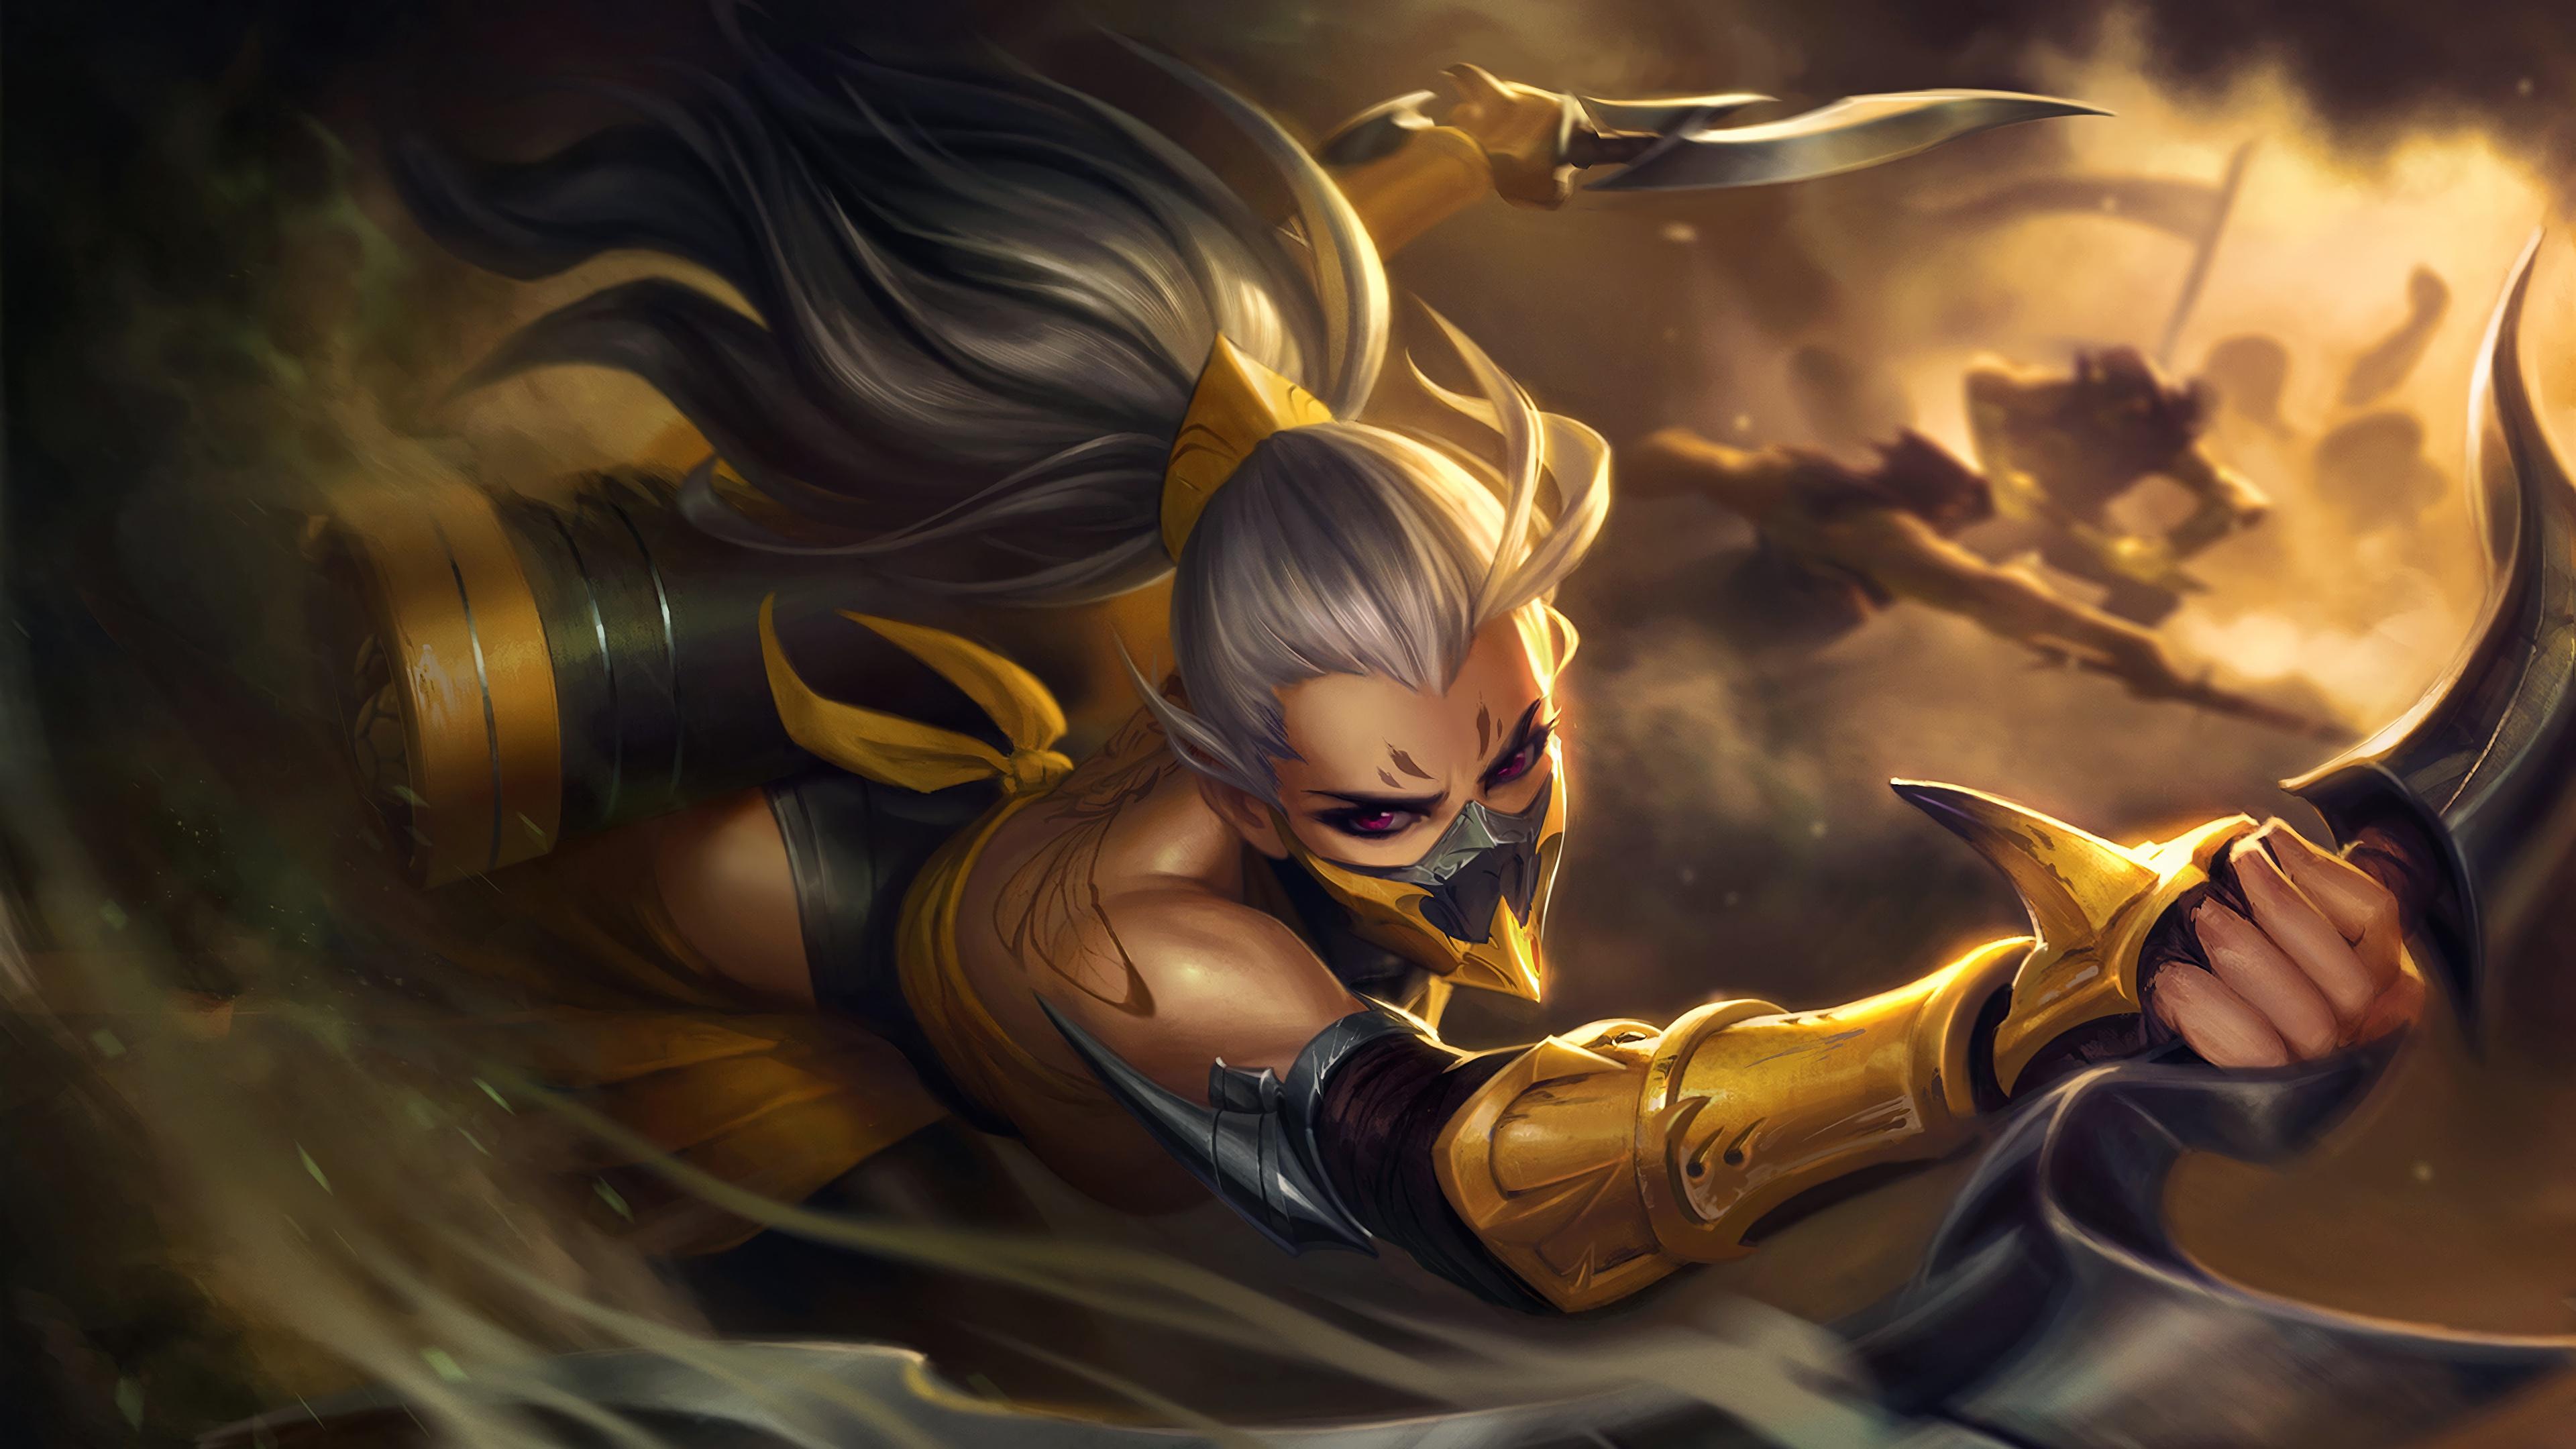 Wallpaper Games Lol Warriors Splash Akali Dagger Assassin